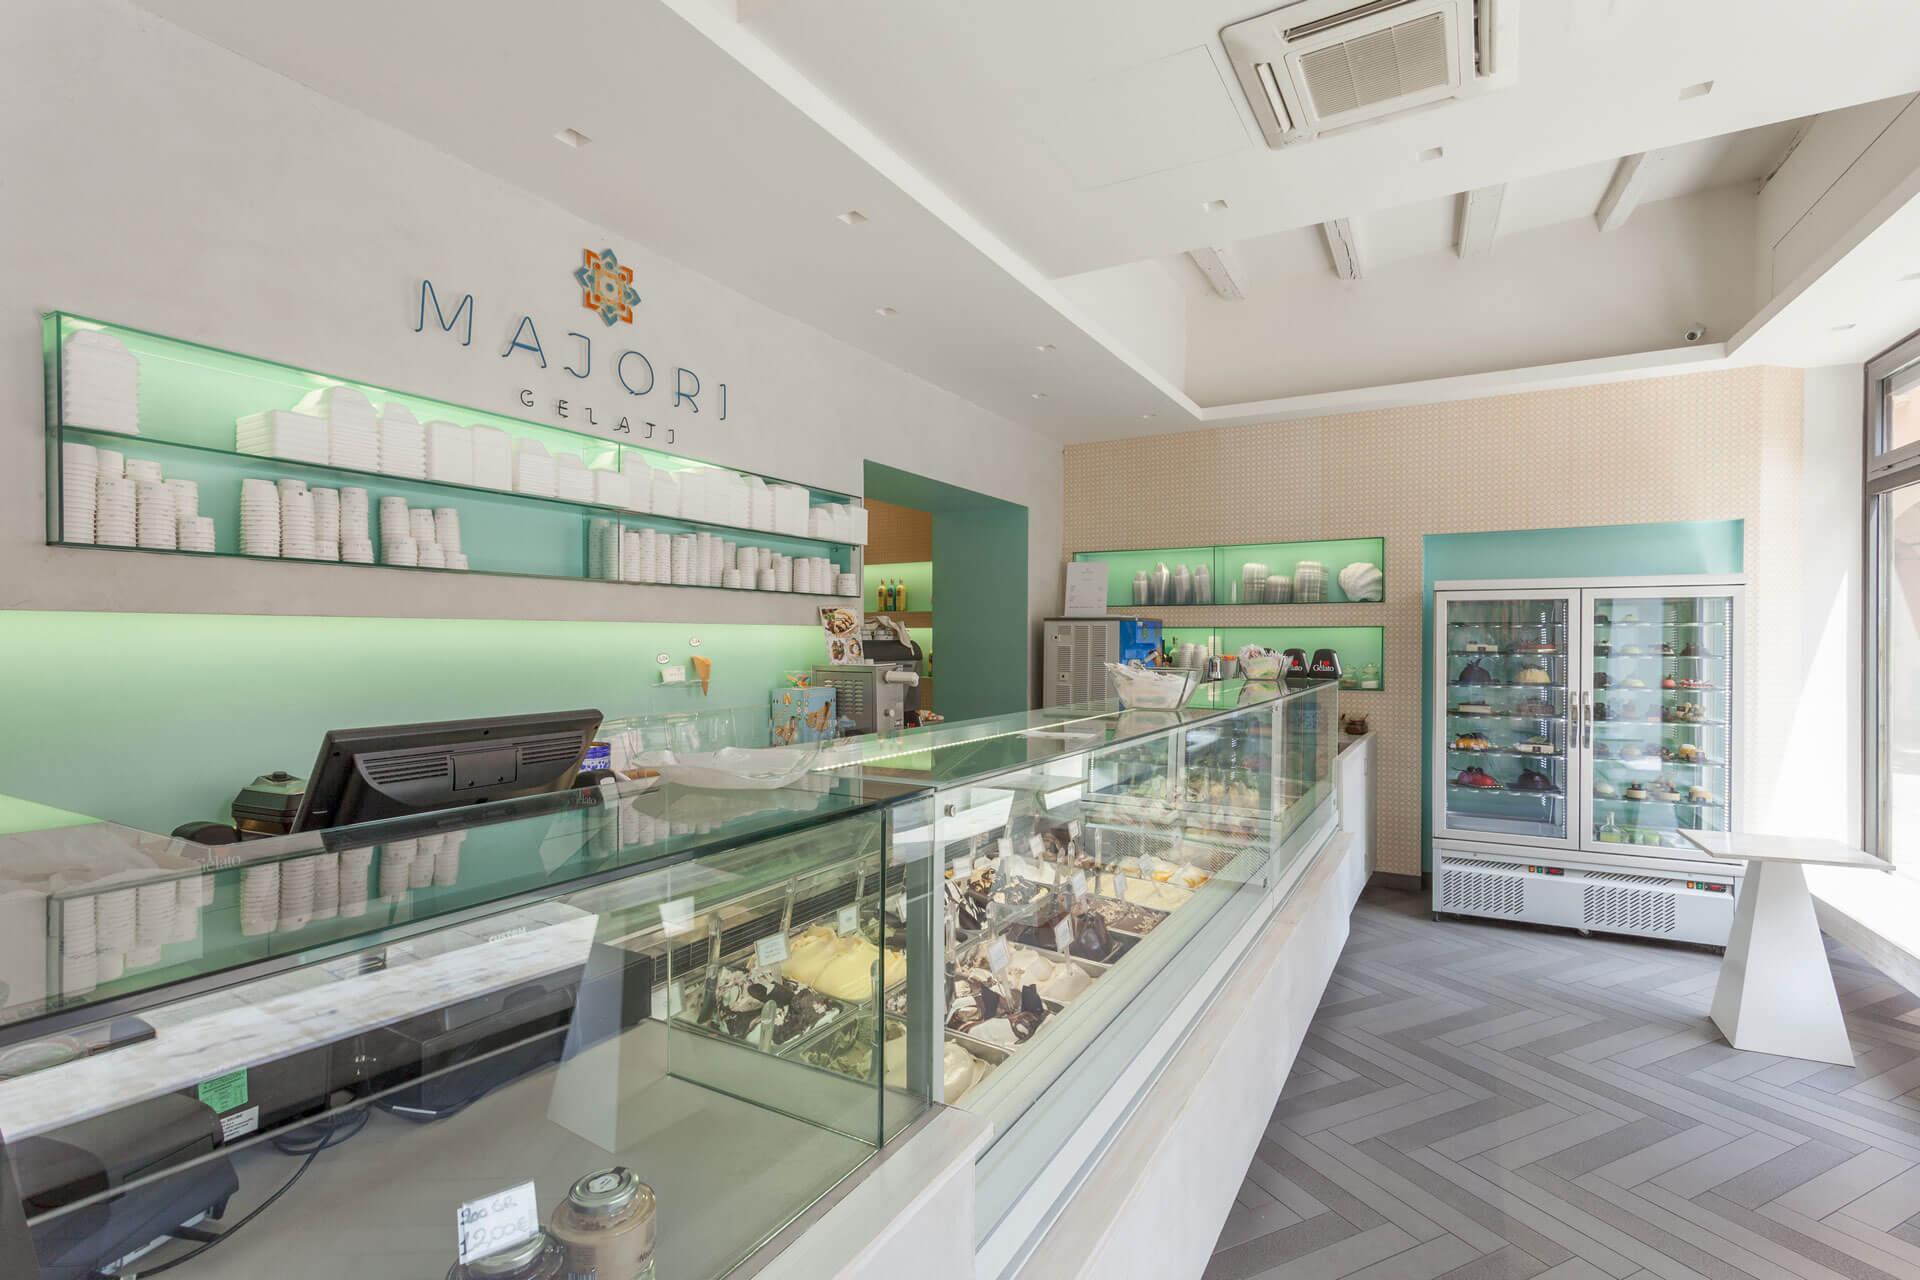 micaela-mazzoni-studio-interior-designer-bologna-progetti-commerciali-gallery-gelateria-majori-bologna-5